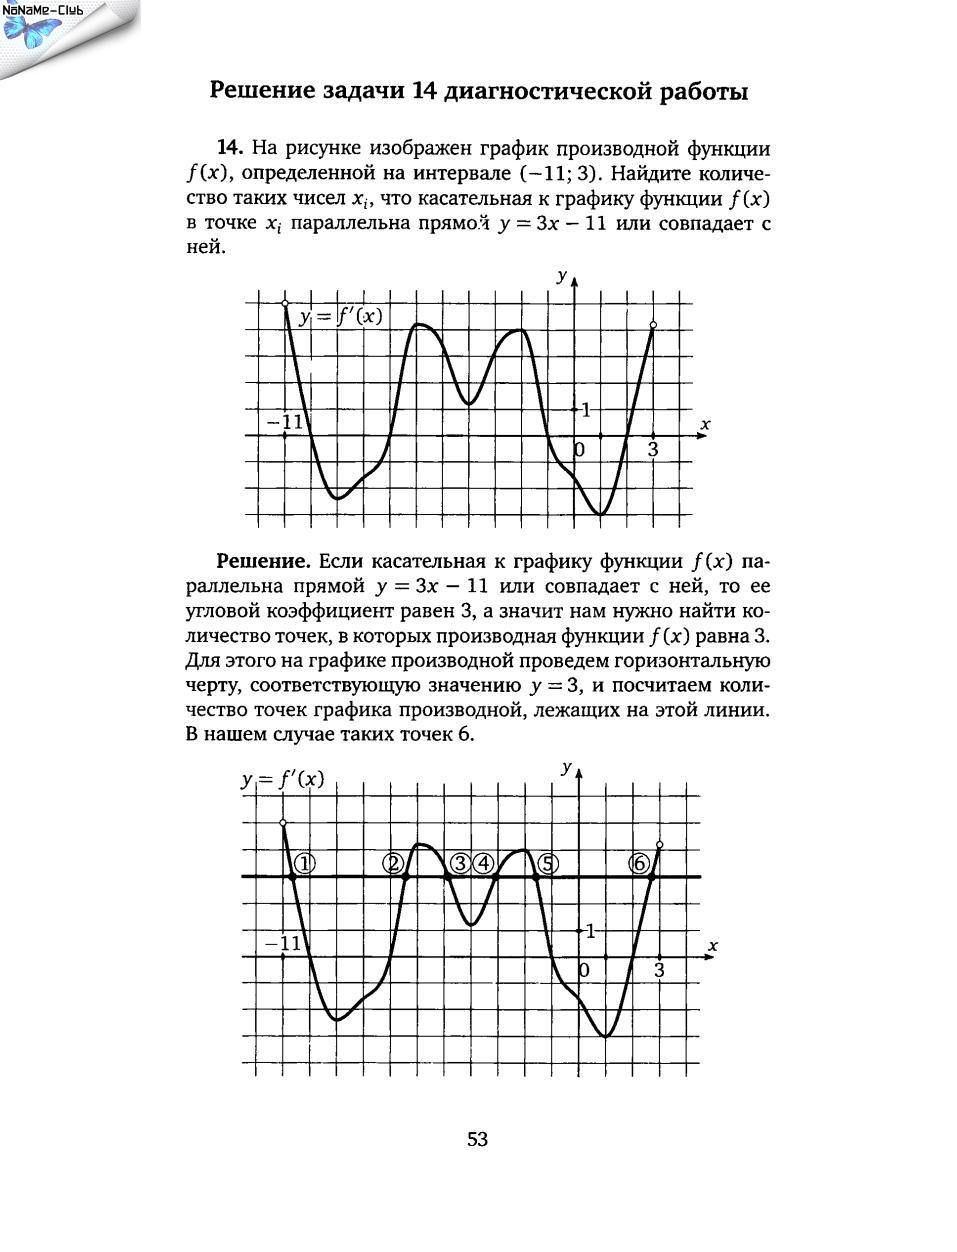 Презентация по предмету математика на тему: геометрический смысл производной в заданиях ким егэ